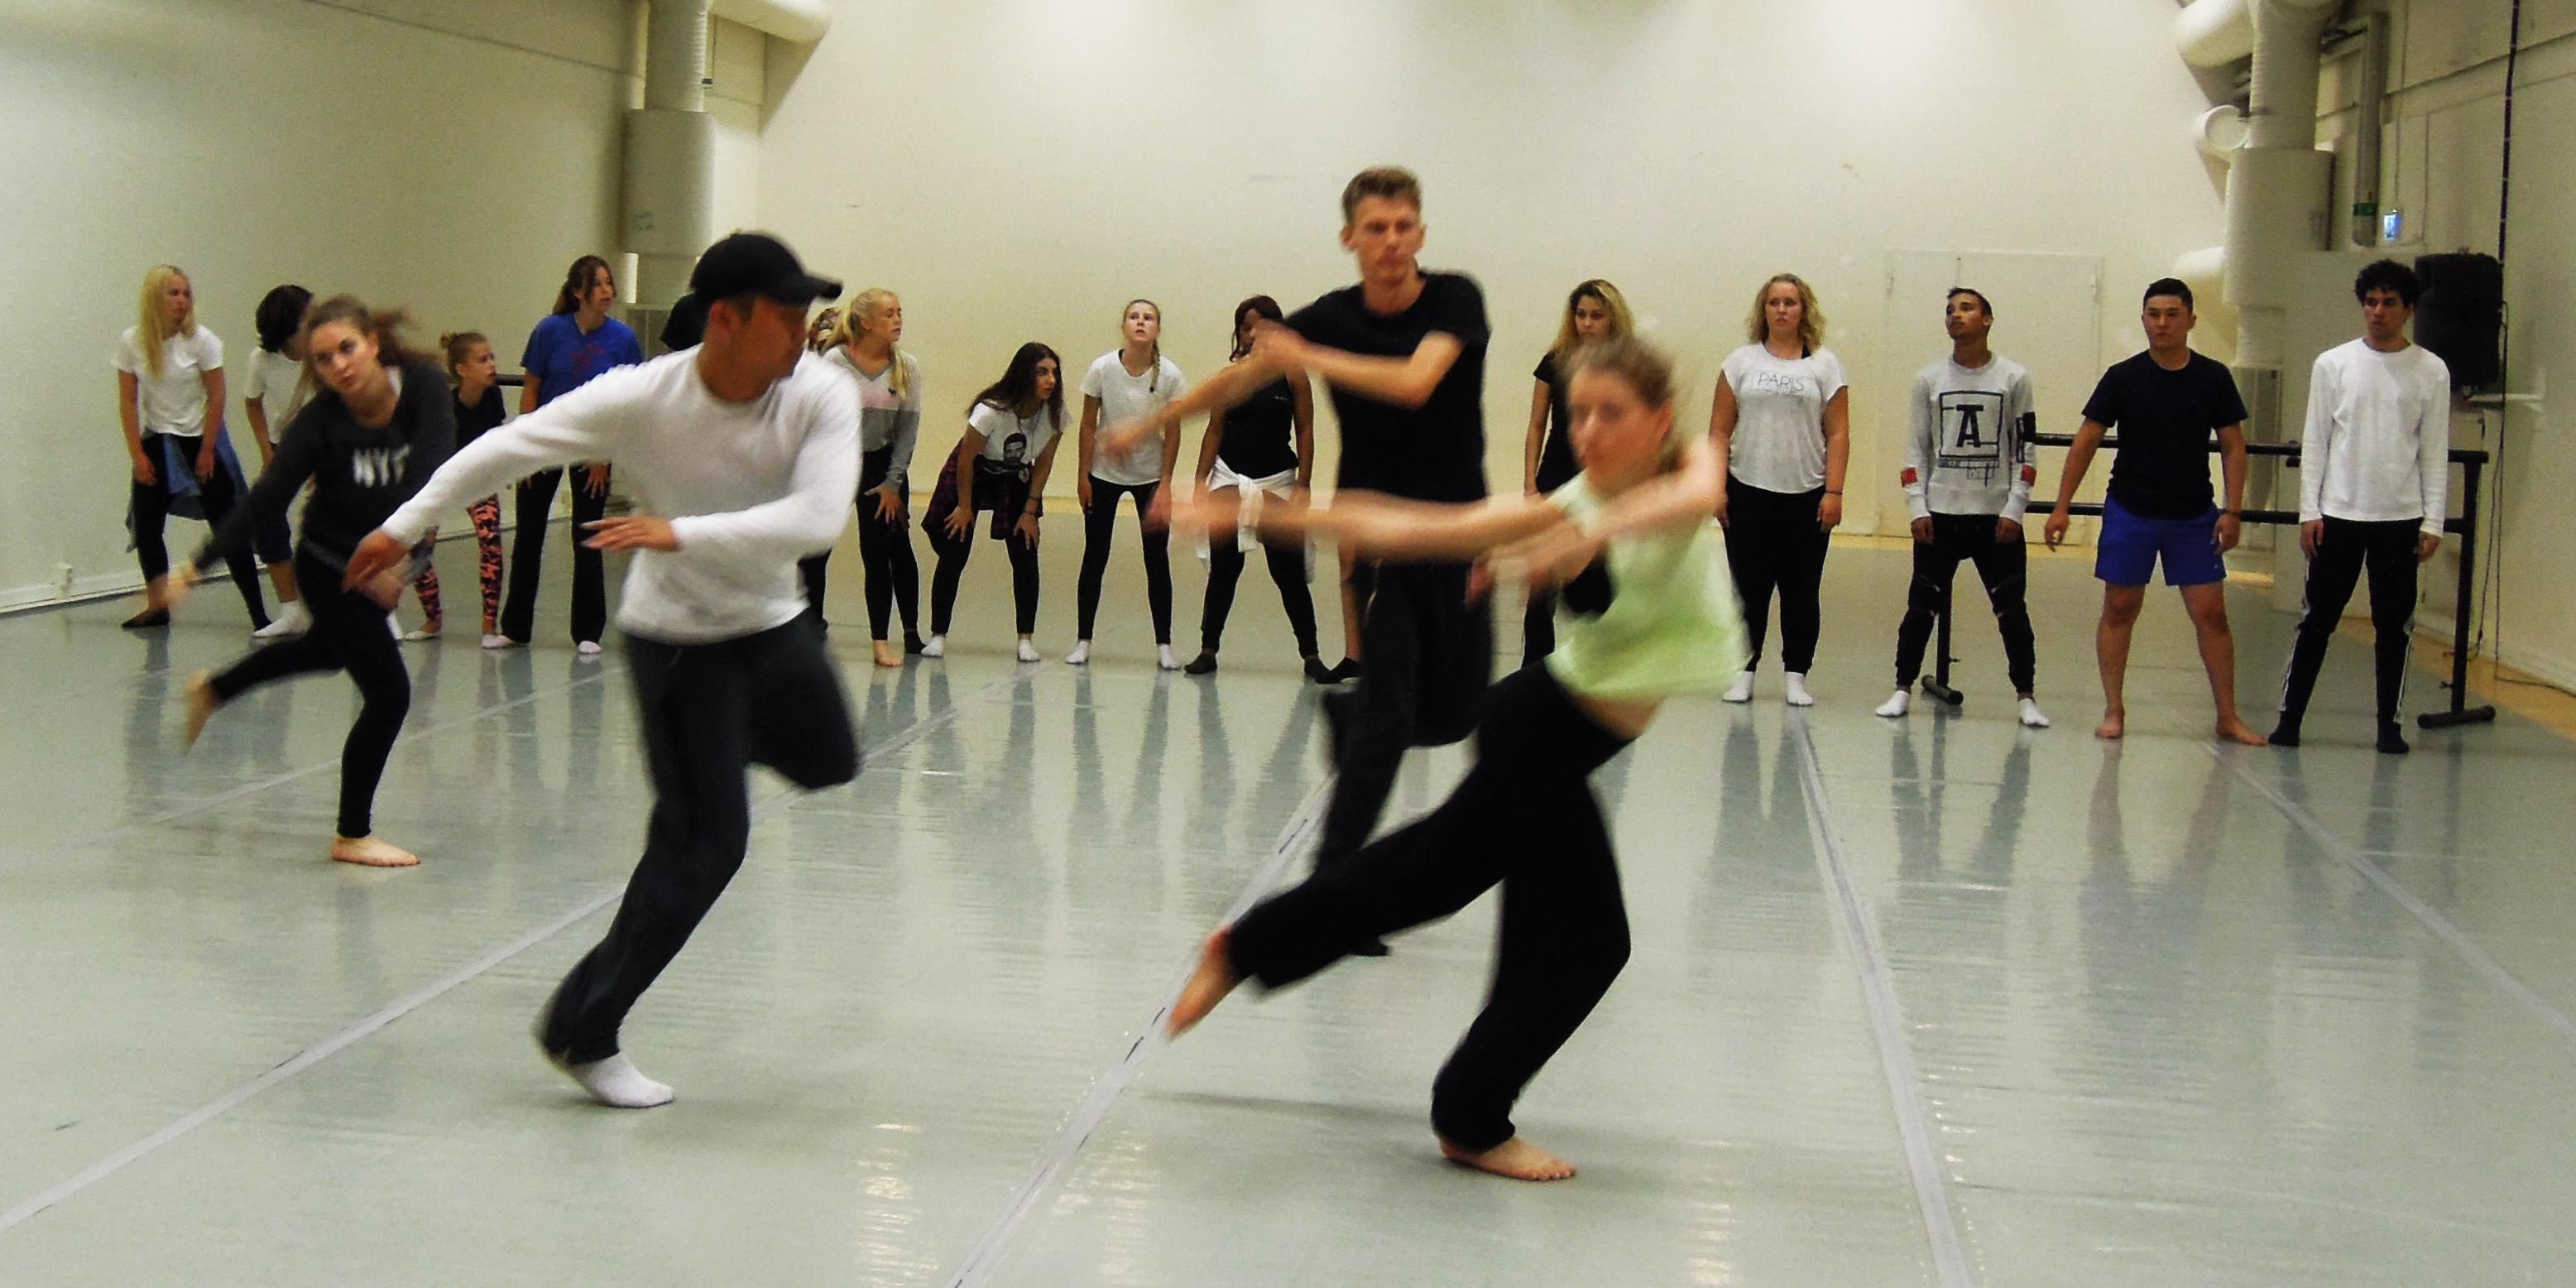 Tjejer och killar som dansar i en studio.